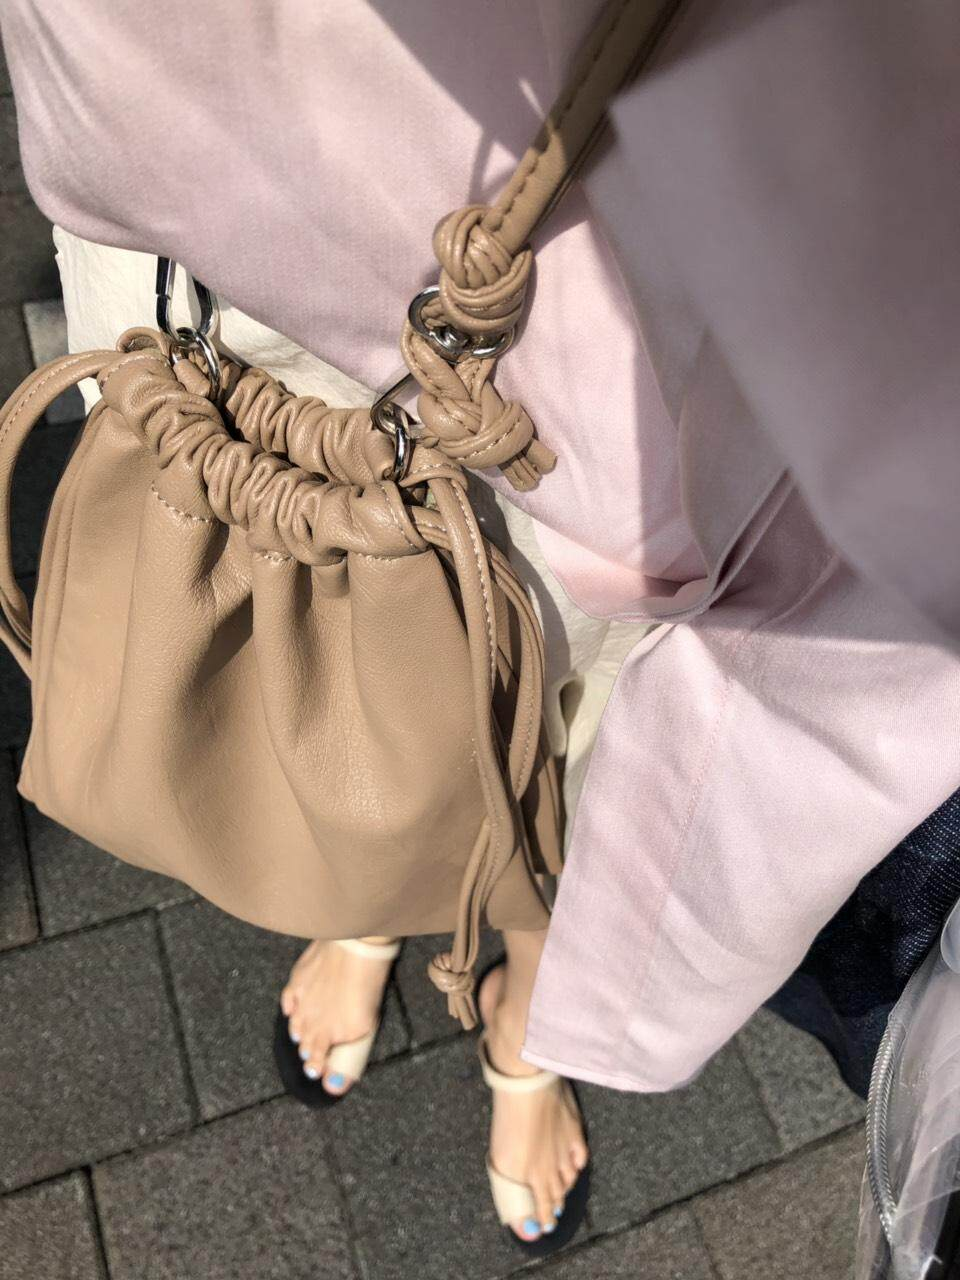 กระเป๋าสะพายพาดลำตัว นักเรียน ผู้หญิง วัยรุ่น มุกดาหาร freckled selected Brown bag กระเป๋าหนังเทียมมีสายสะพายข้าง